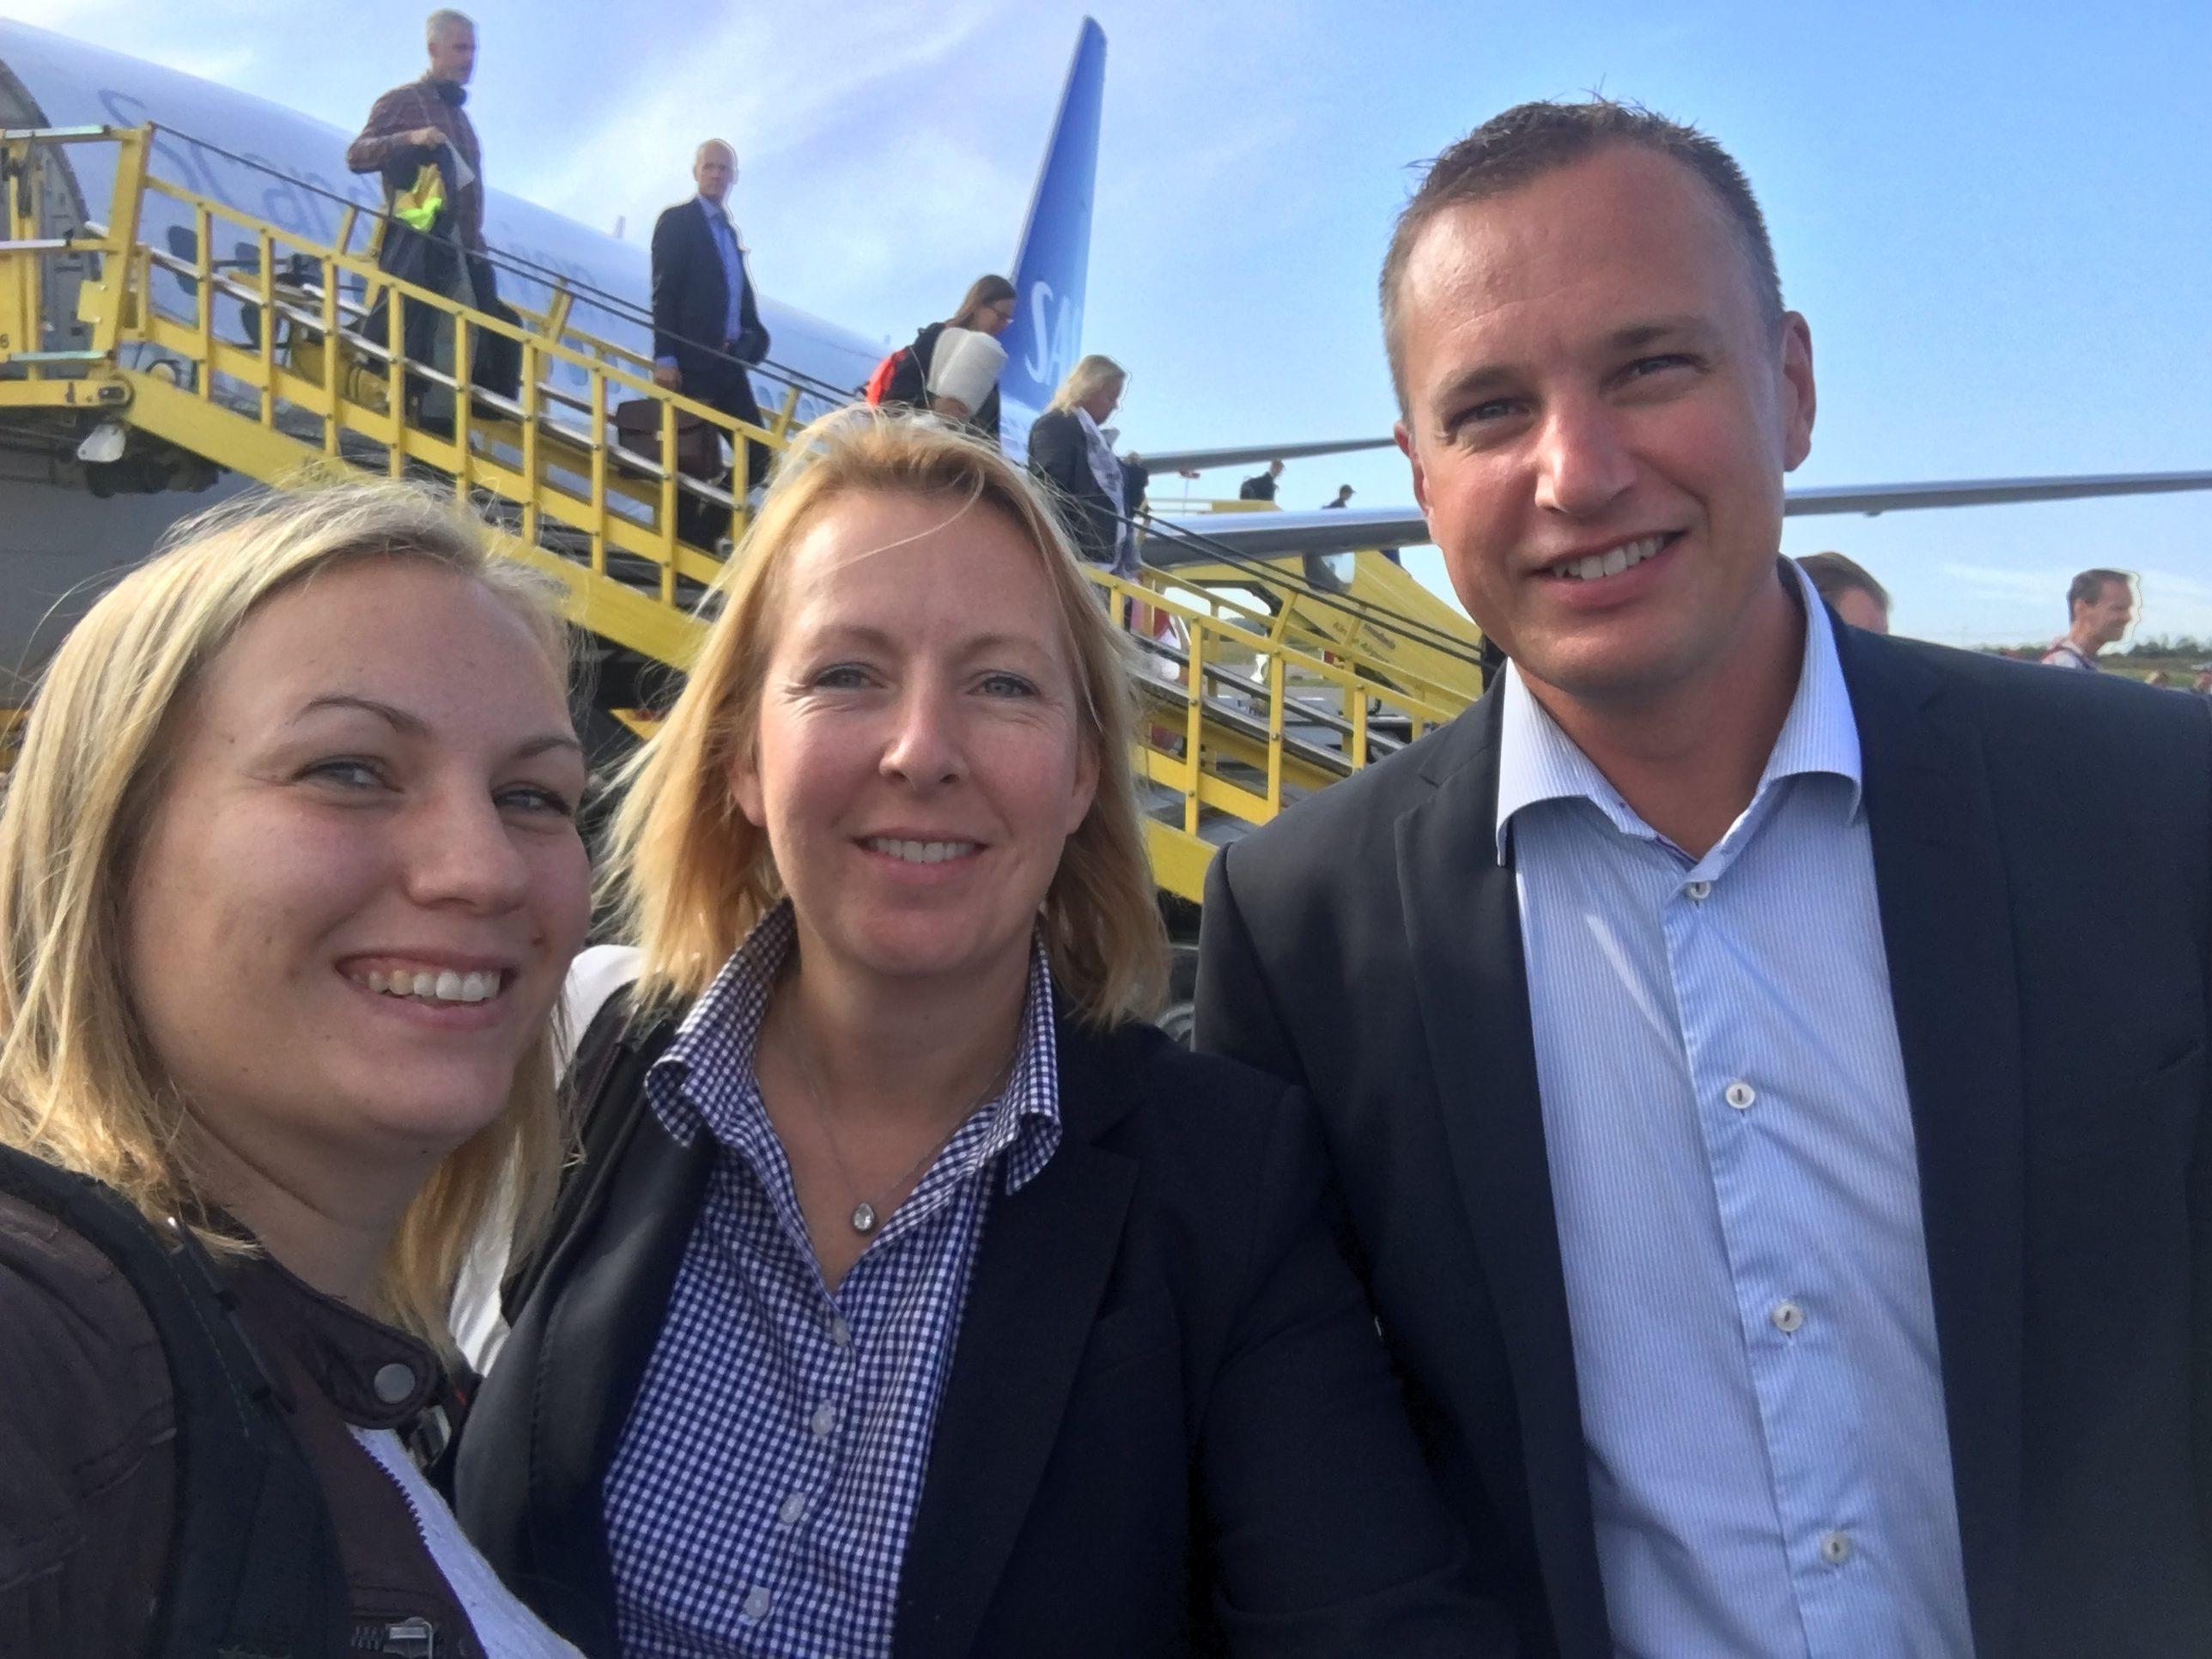 Linnéa Svenman Wiker, Malin Rosqvist och Peter Wallin kliver av planet på Kiruna Airport.